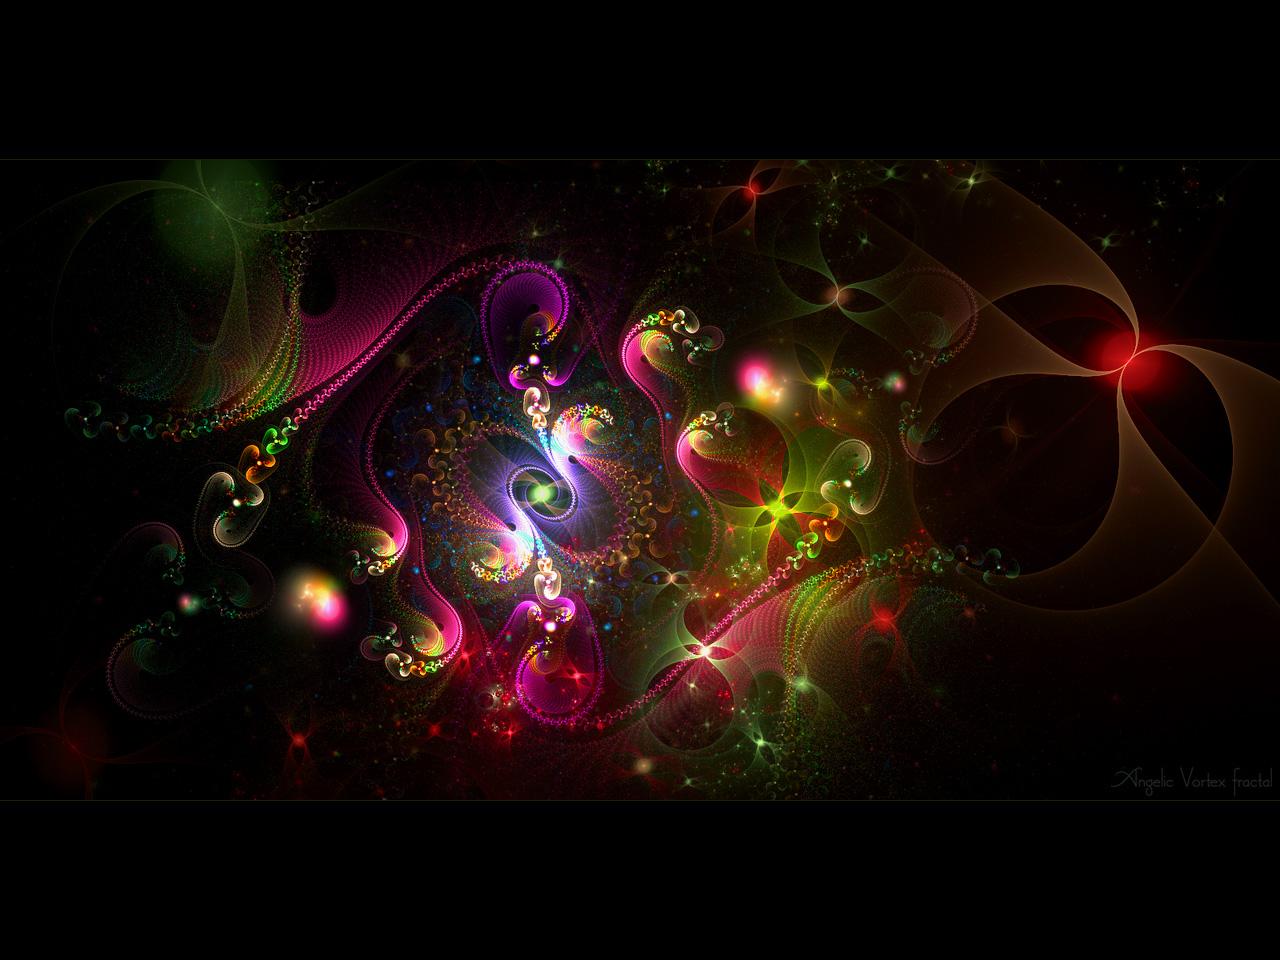 Angelic Vortex 3 by love1008